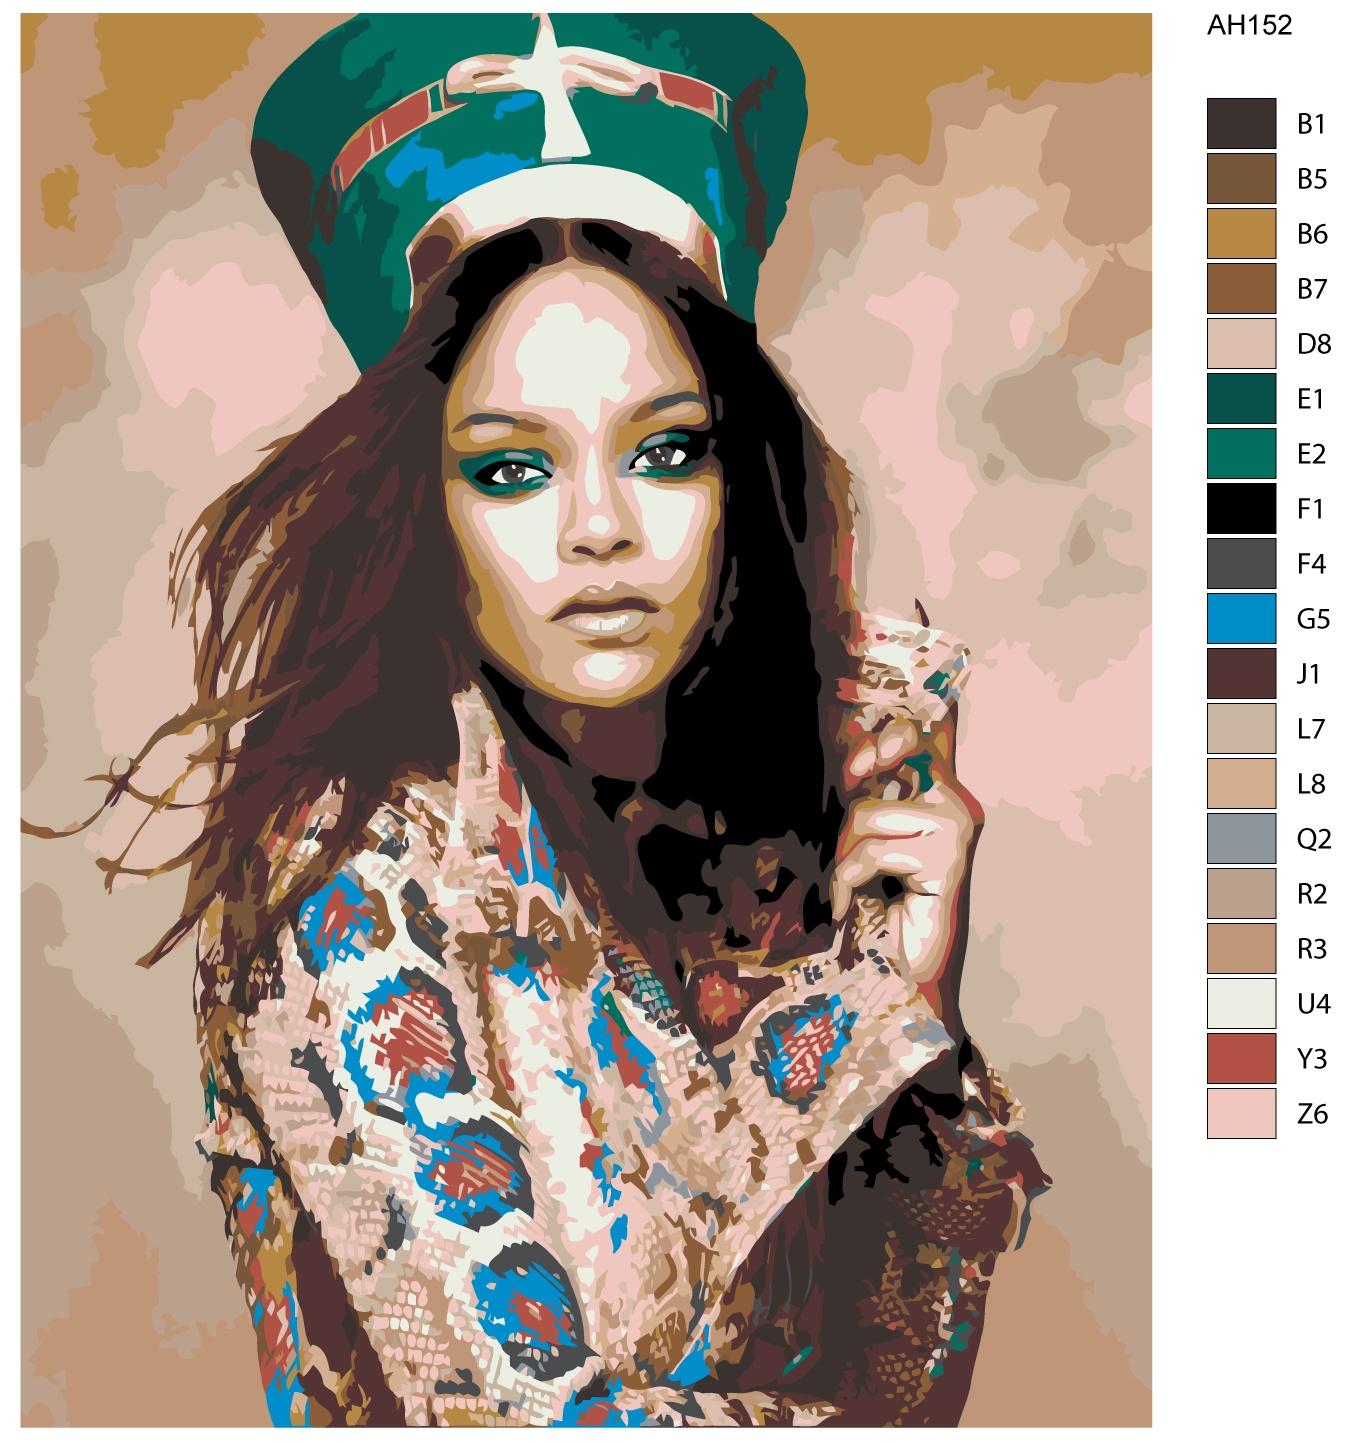 Набор для создания картины Живопись по номерам ARTH-AH152ARTH-AH152Количество красок от 18 до 24. Картина раскрашивается без смешивания красок. Высококачественные акриловые краски собственного производства сделают вашу картину яркой и уникальной. Все необходимые материалы есть в комплекте: натуральный хлопковый холст, натянутый на деревянный подрамник, баночки с акриловыми красками на водной основе, 3 кисти из качественного нейлона, схема раскрашивания, инструкция. Просто закрашивайте участки красками с соответствующим номером.